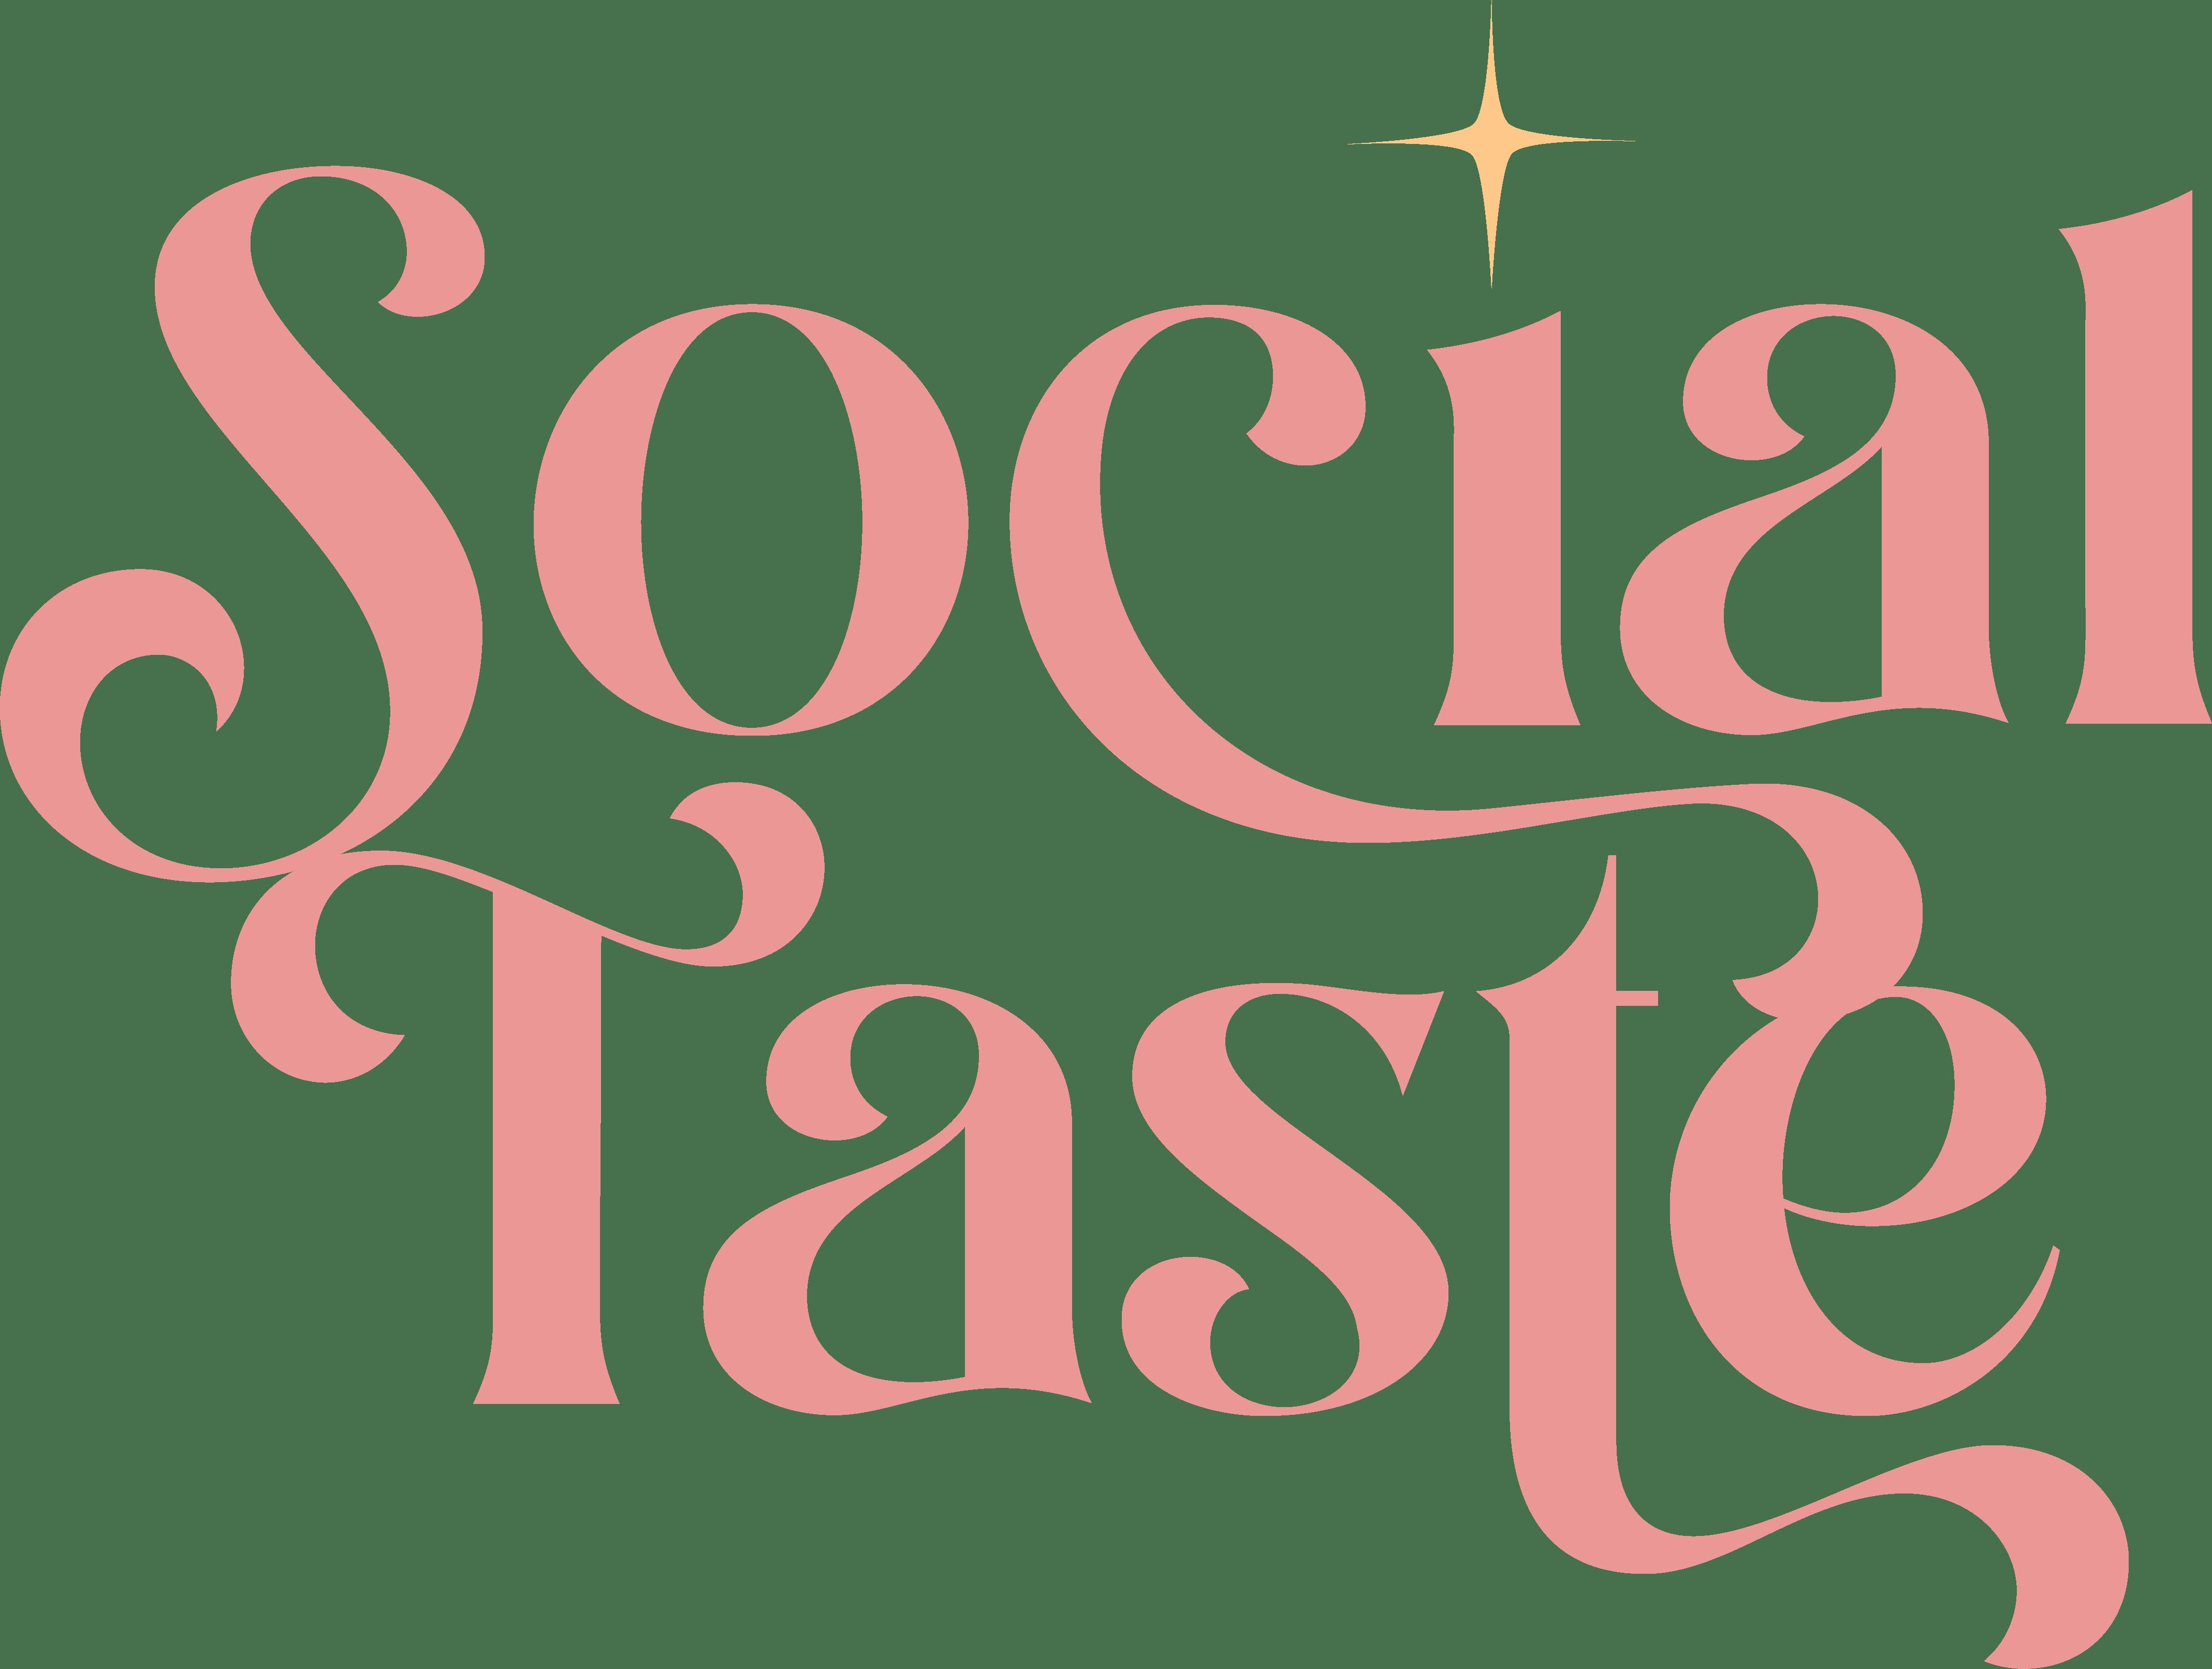 The Social Taste